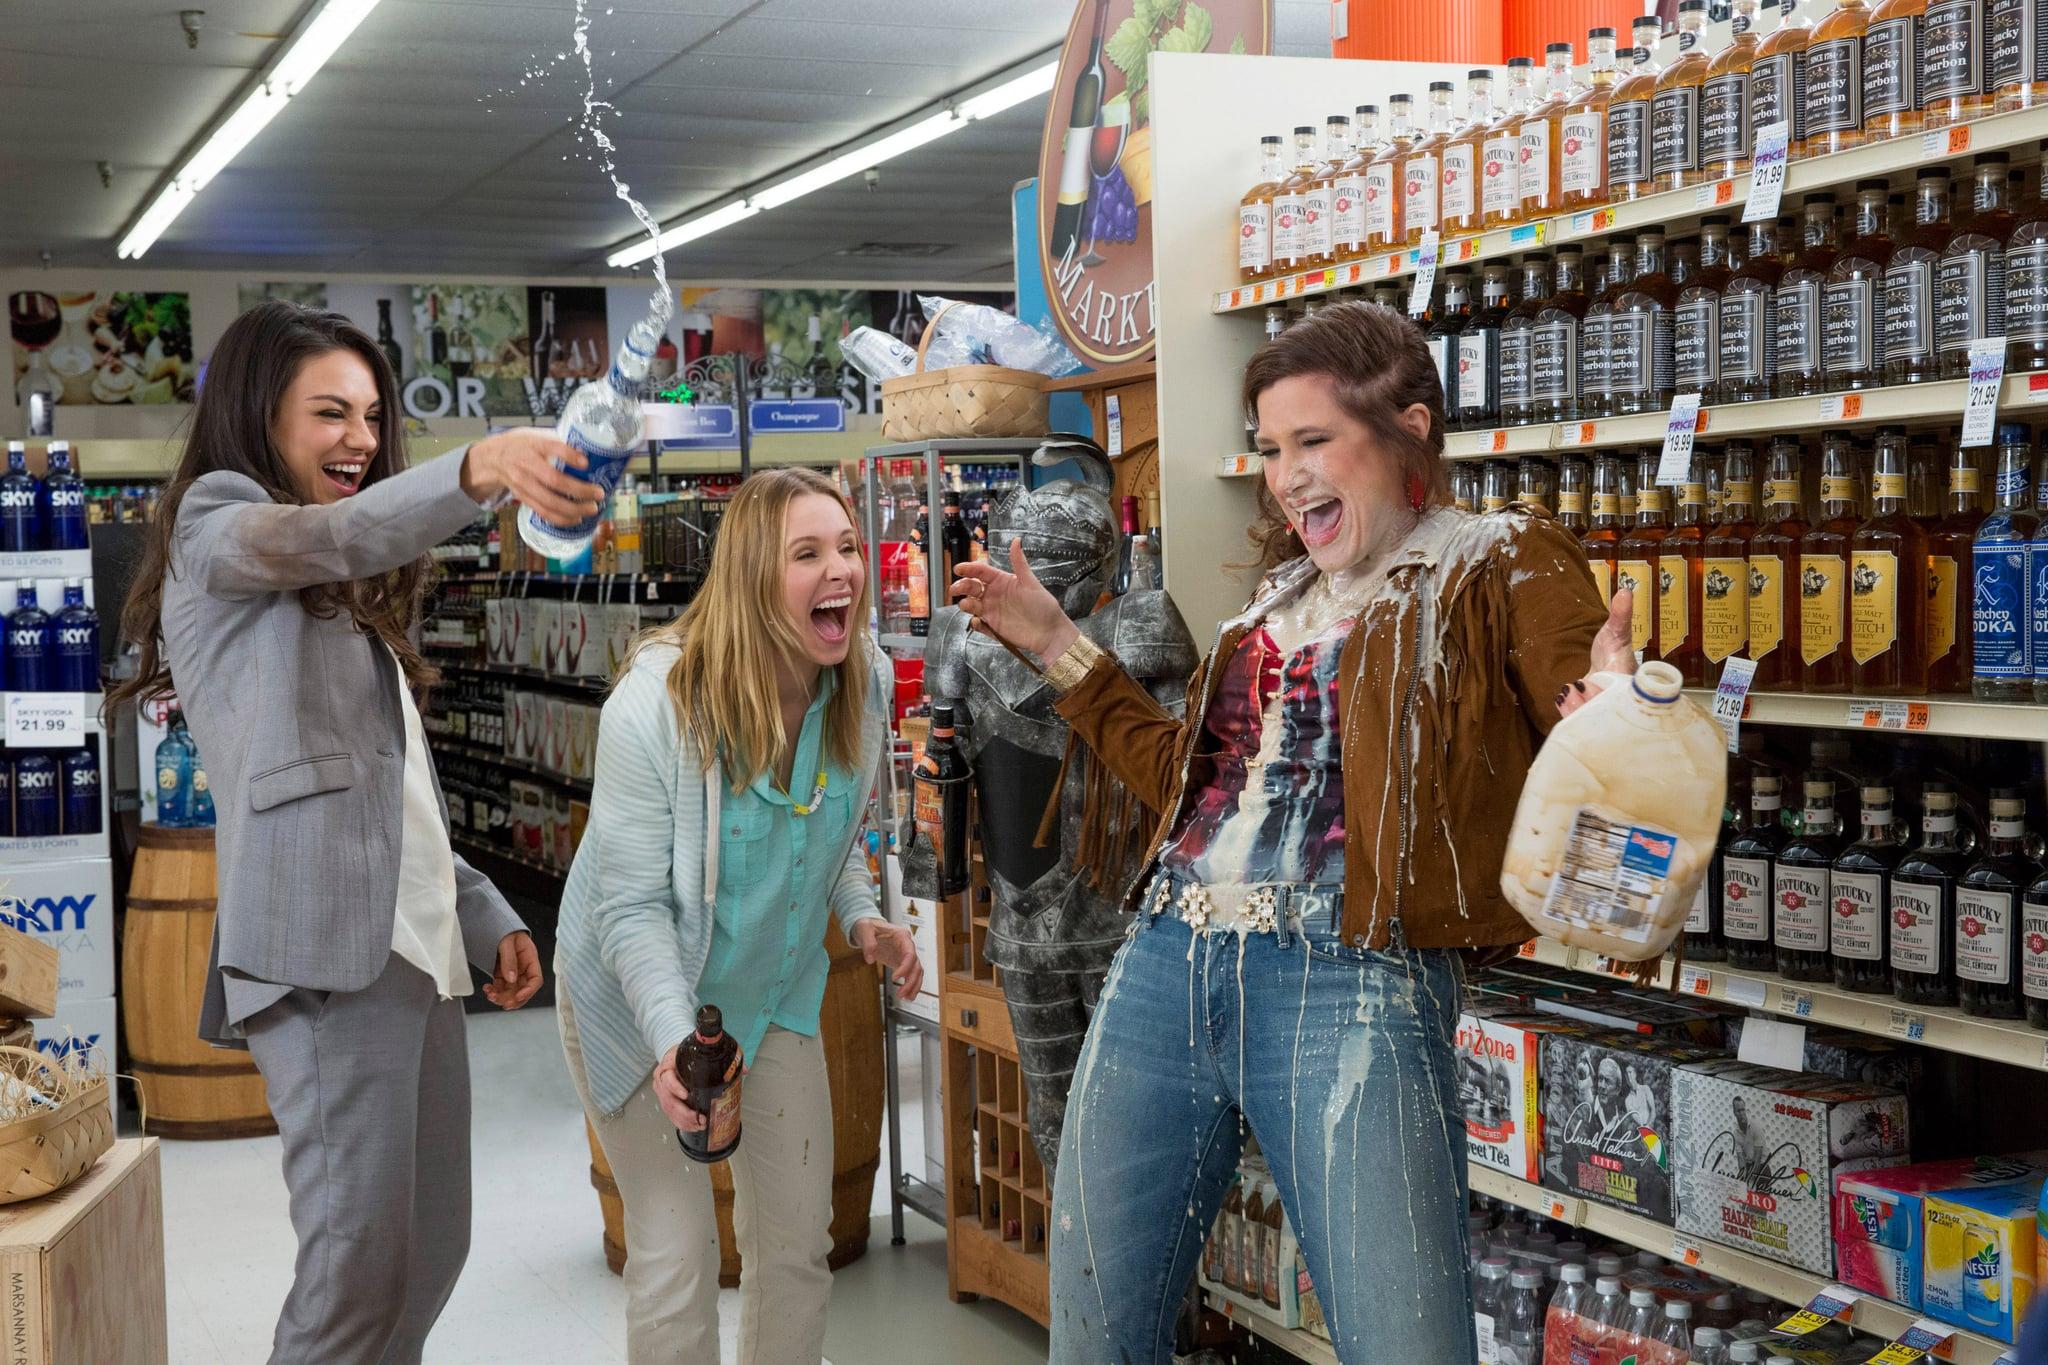 BAD MOMS, from left: Mila Kunis, Kristen Bell, Kathryn Hahn, 2016.  ph: Michelle K. Short /  STX Entertainment / courtesy Everett Collection